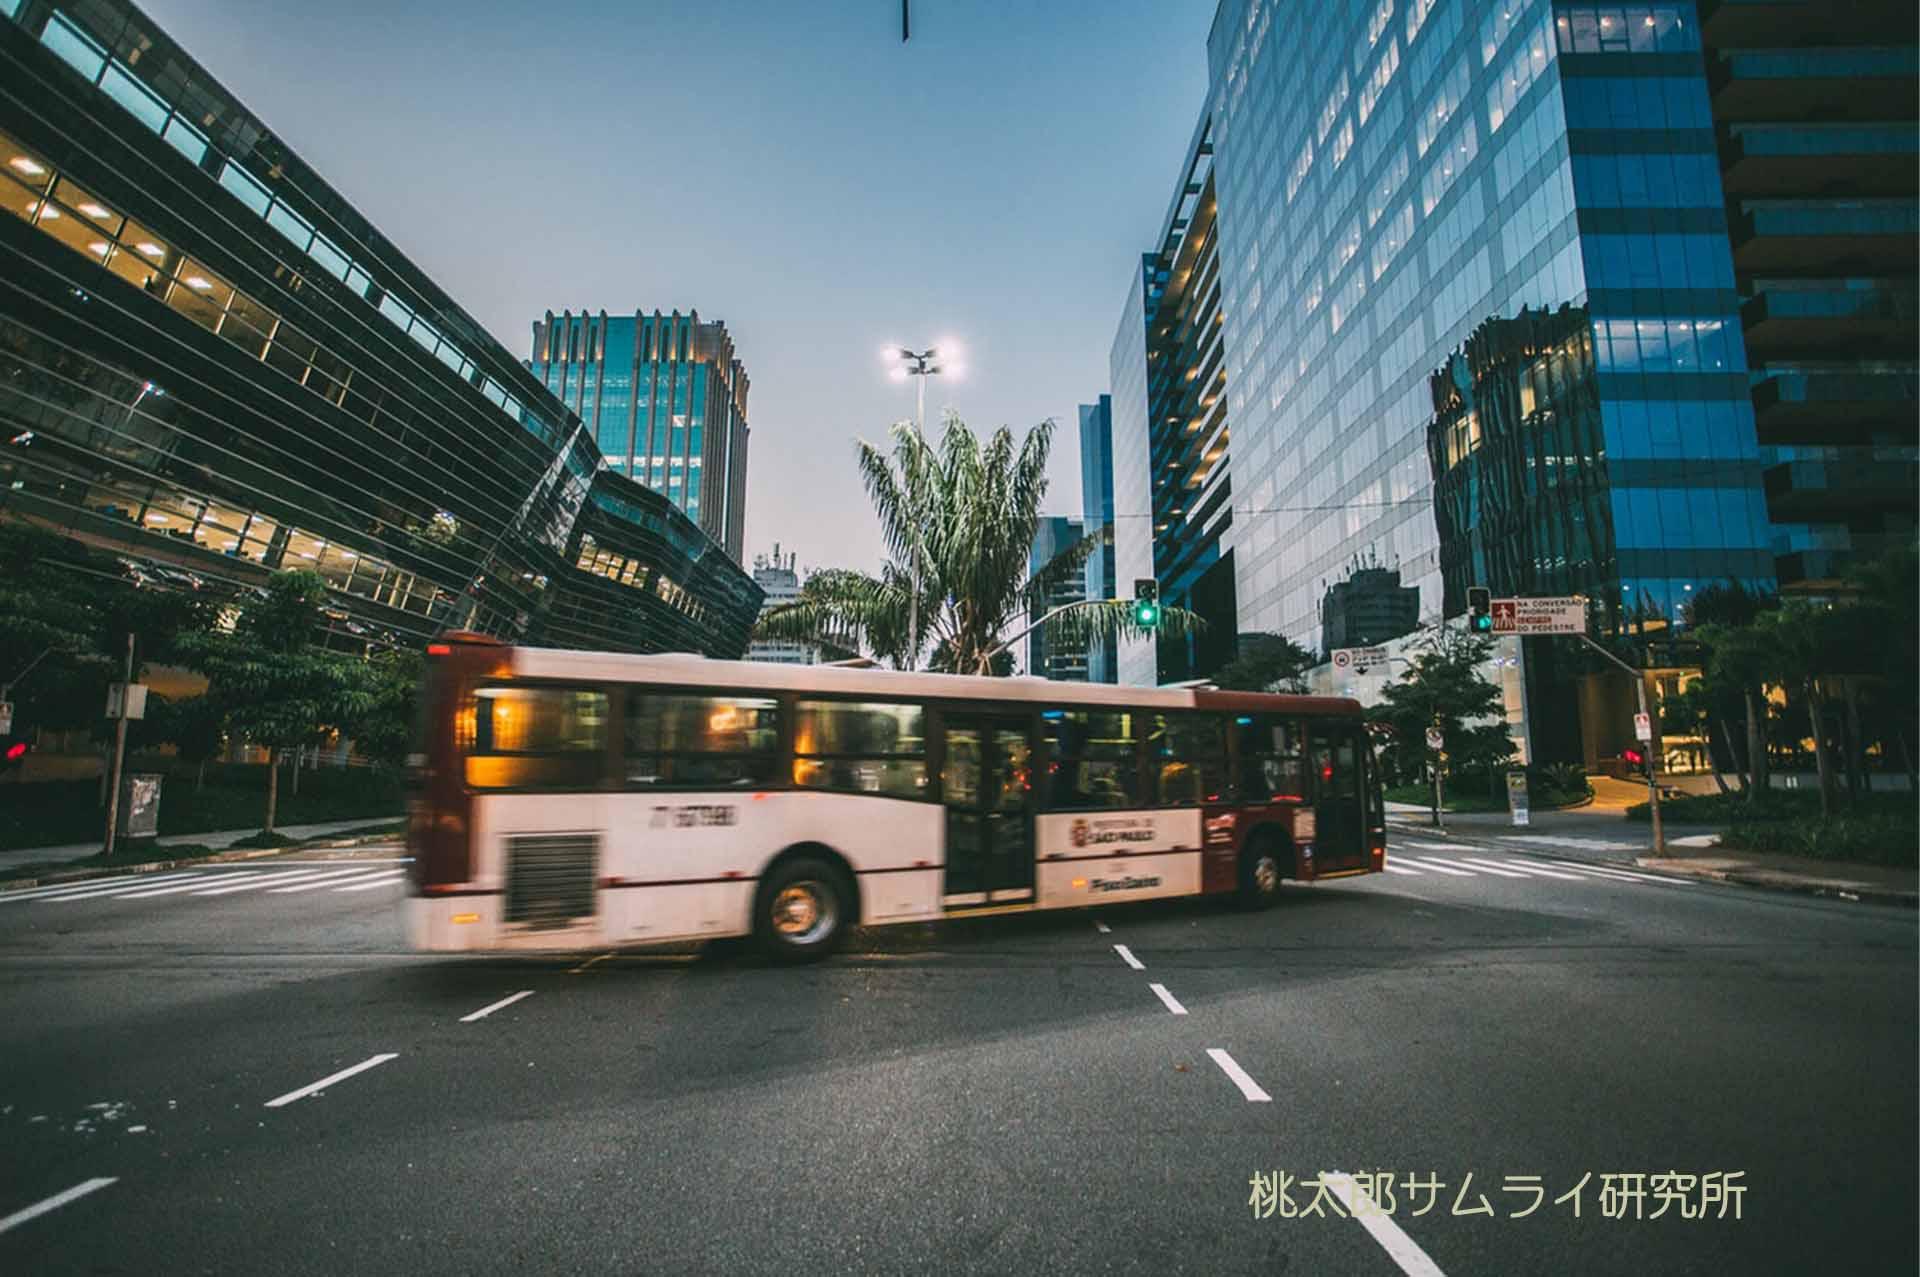 夜行バスは高校生だけでも乗れる?